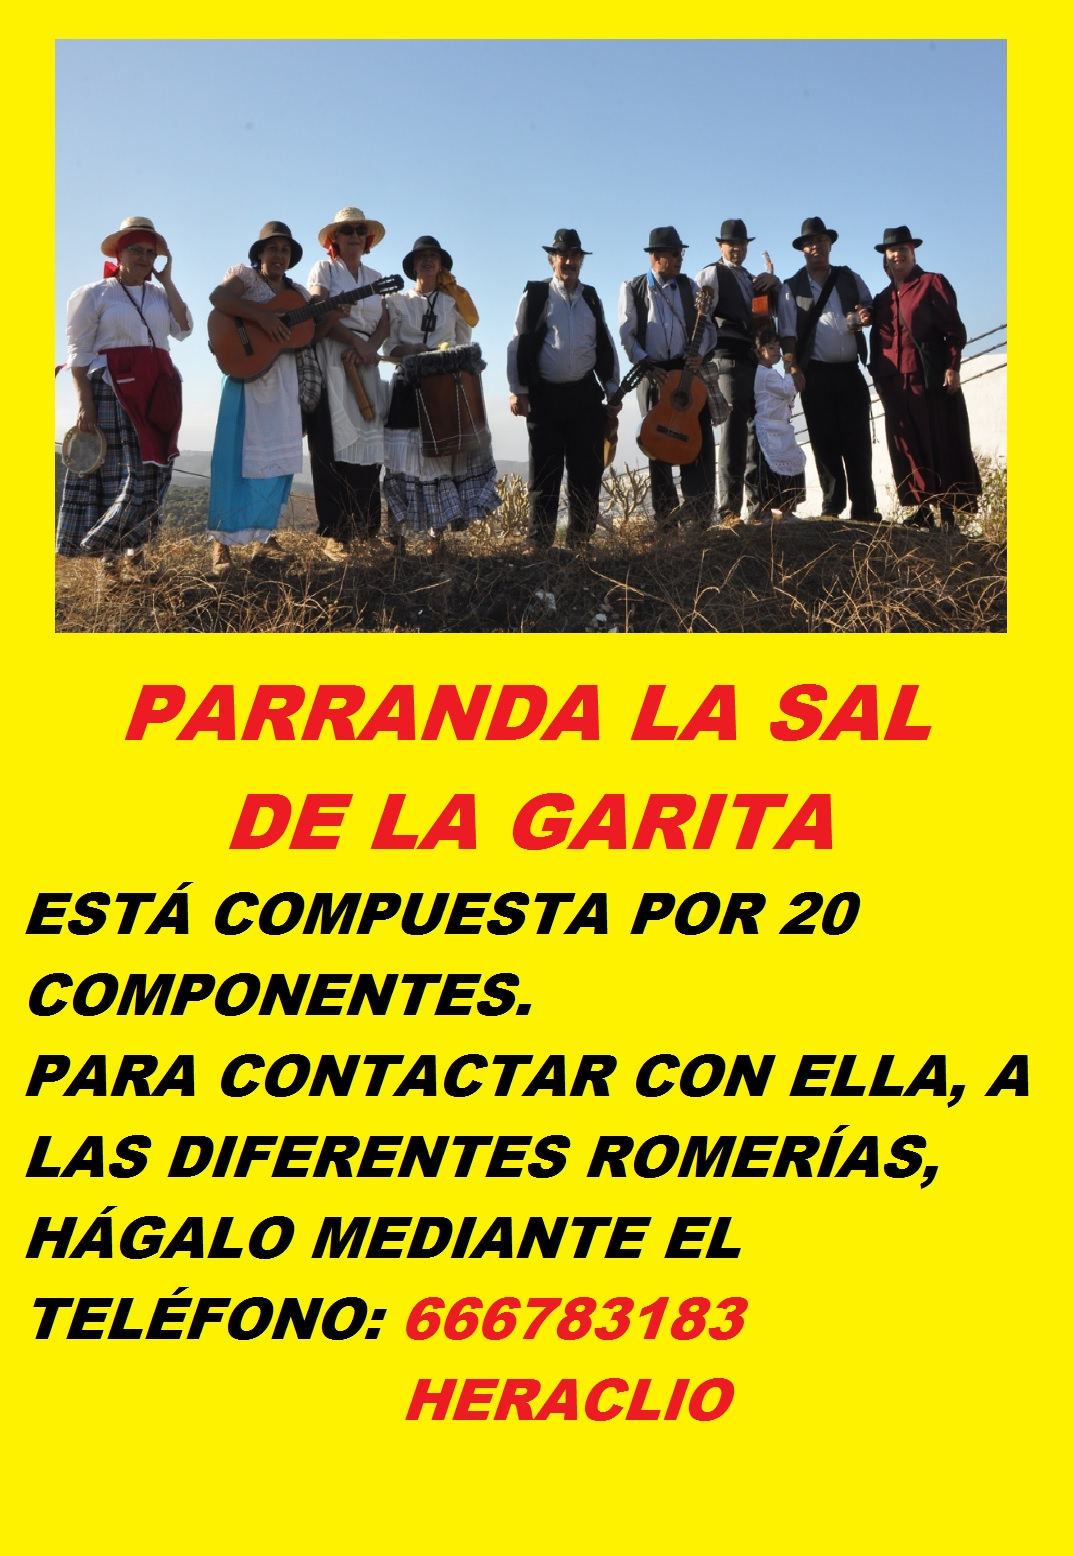 PARRANDA LA SAL